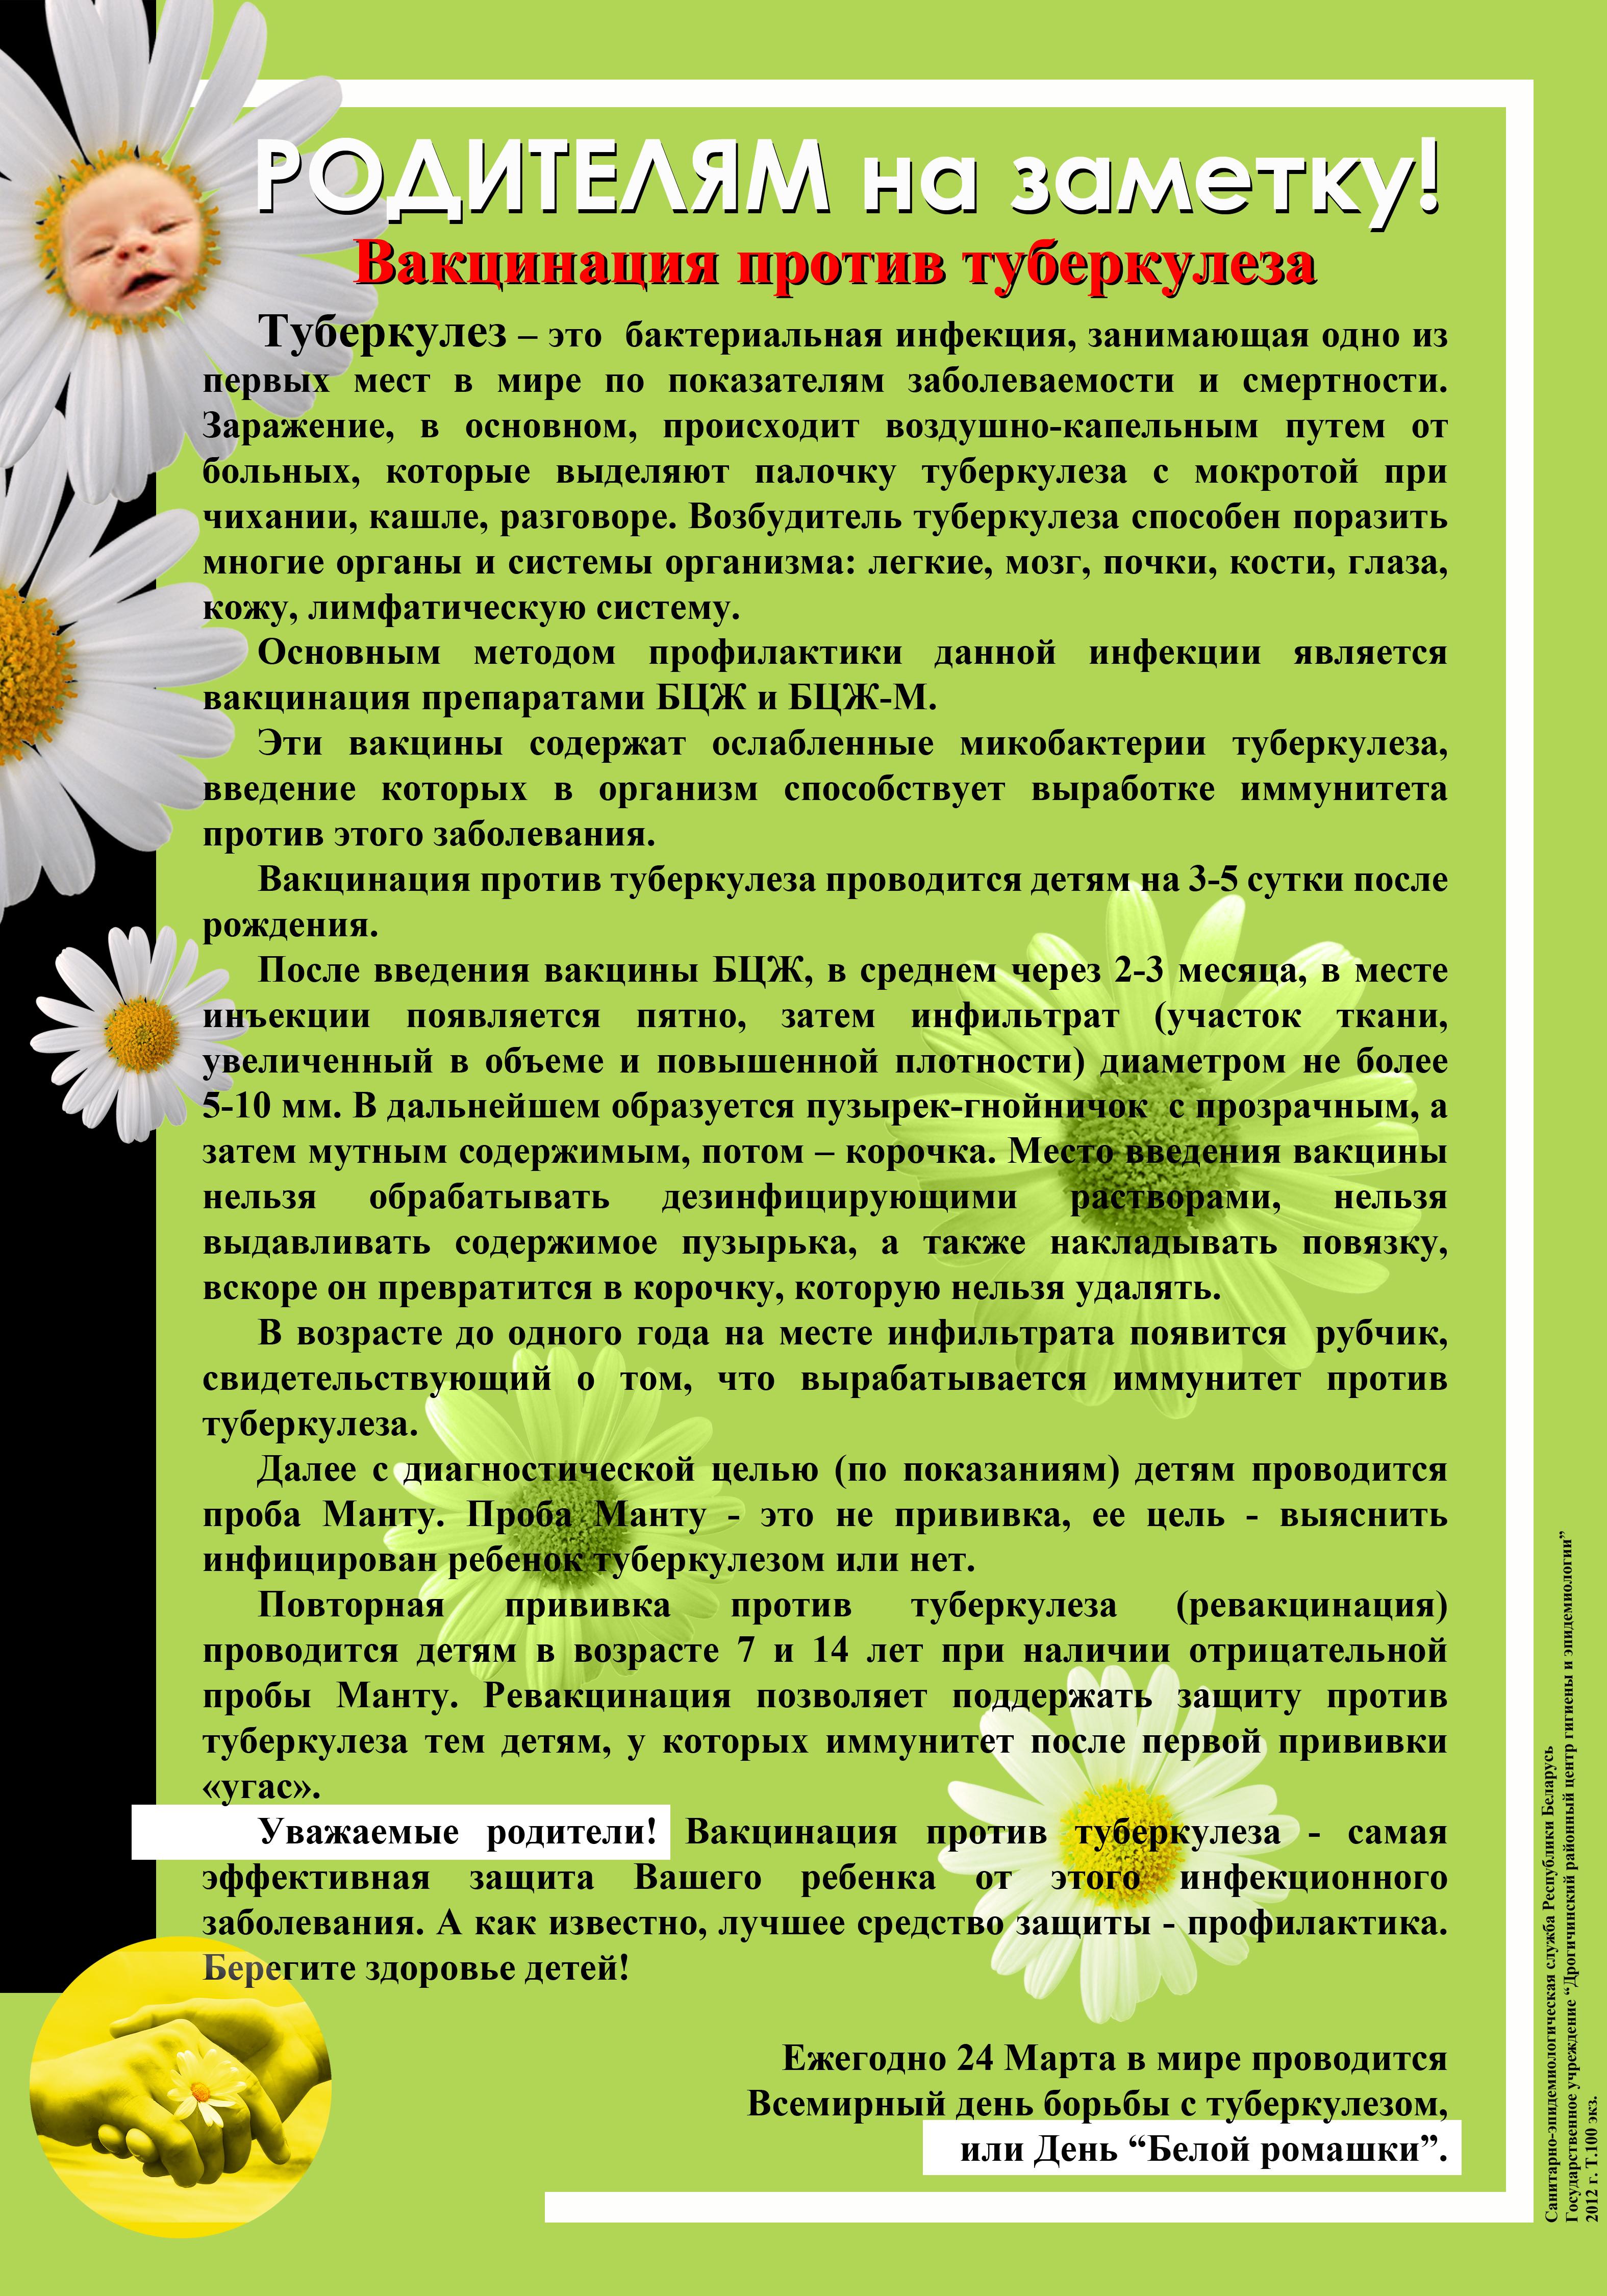 профилактика профессиональных заболеваний медицинских работников реферат